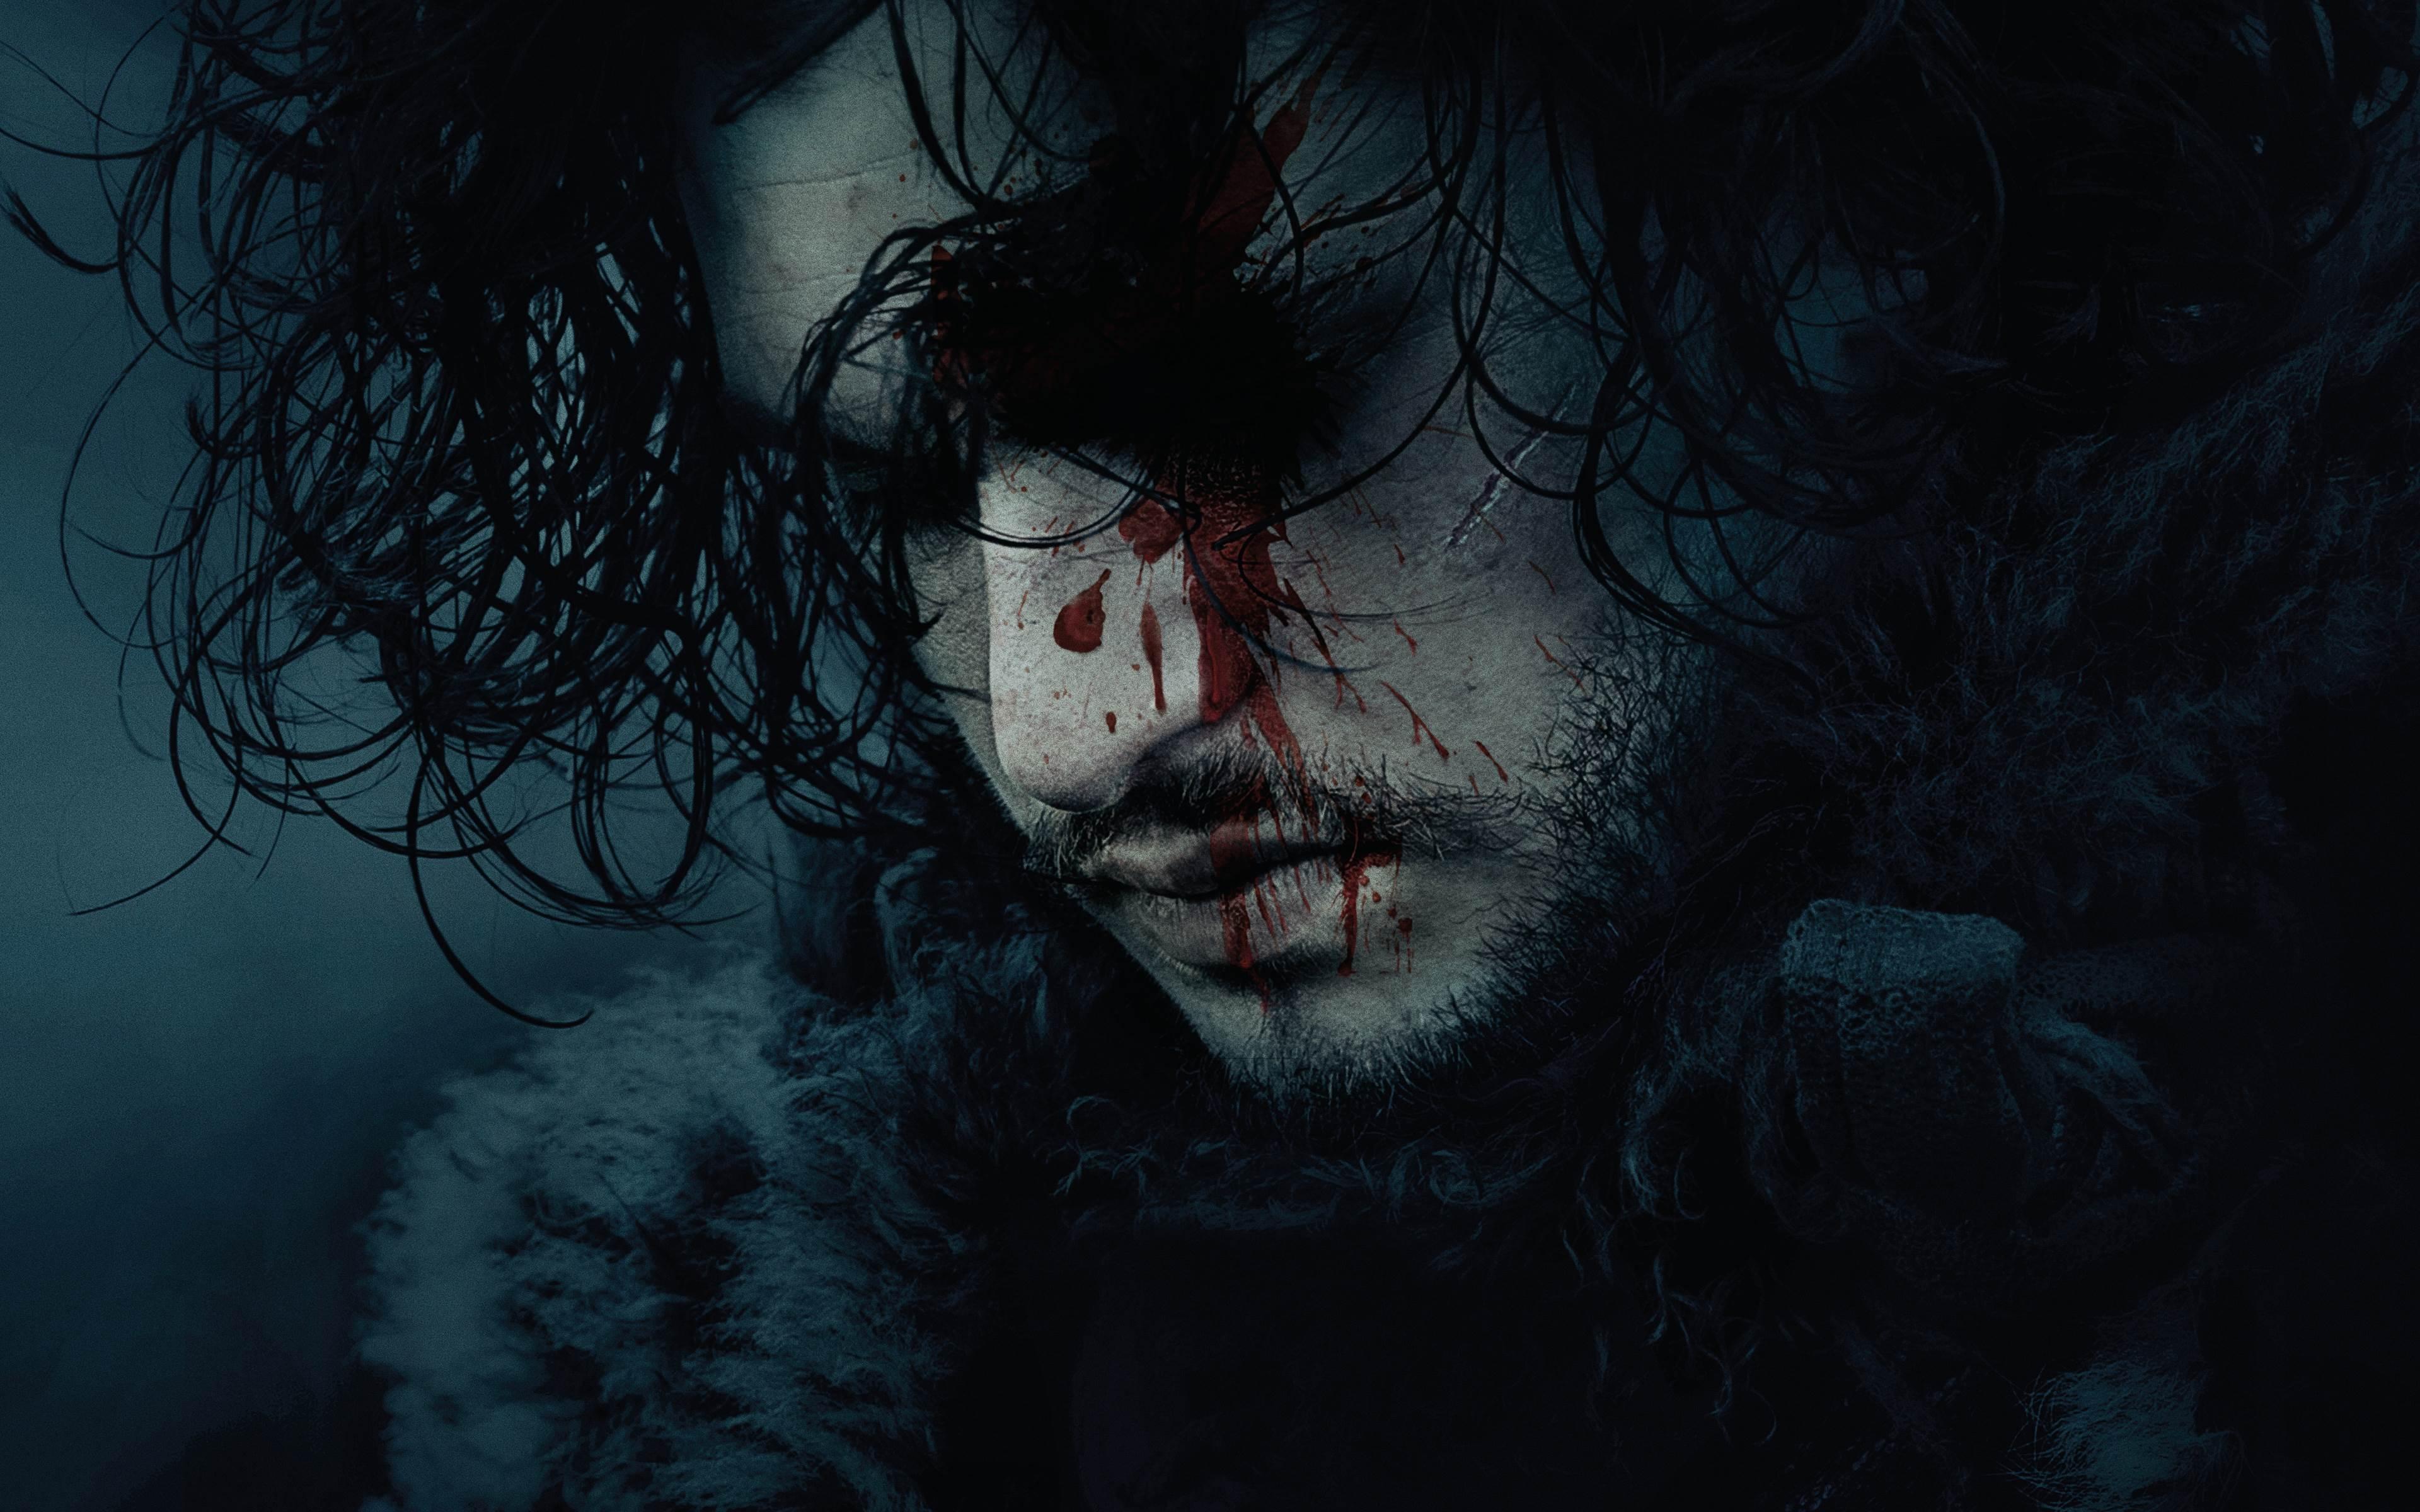 Jon Snow Dead Blood Wallpaper Windows Mode